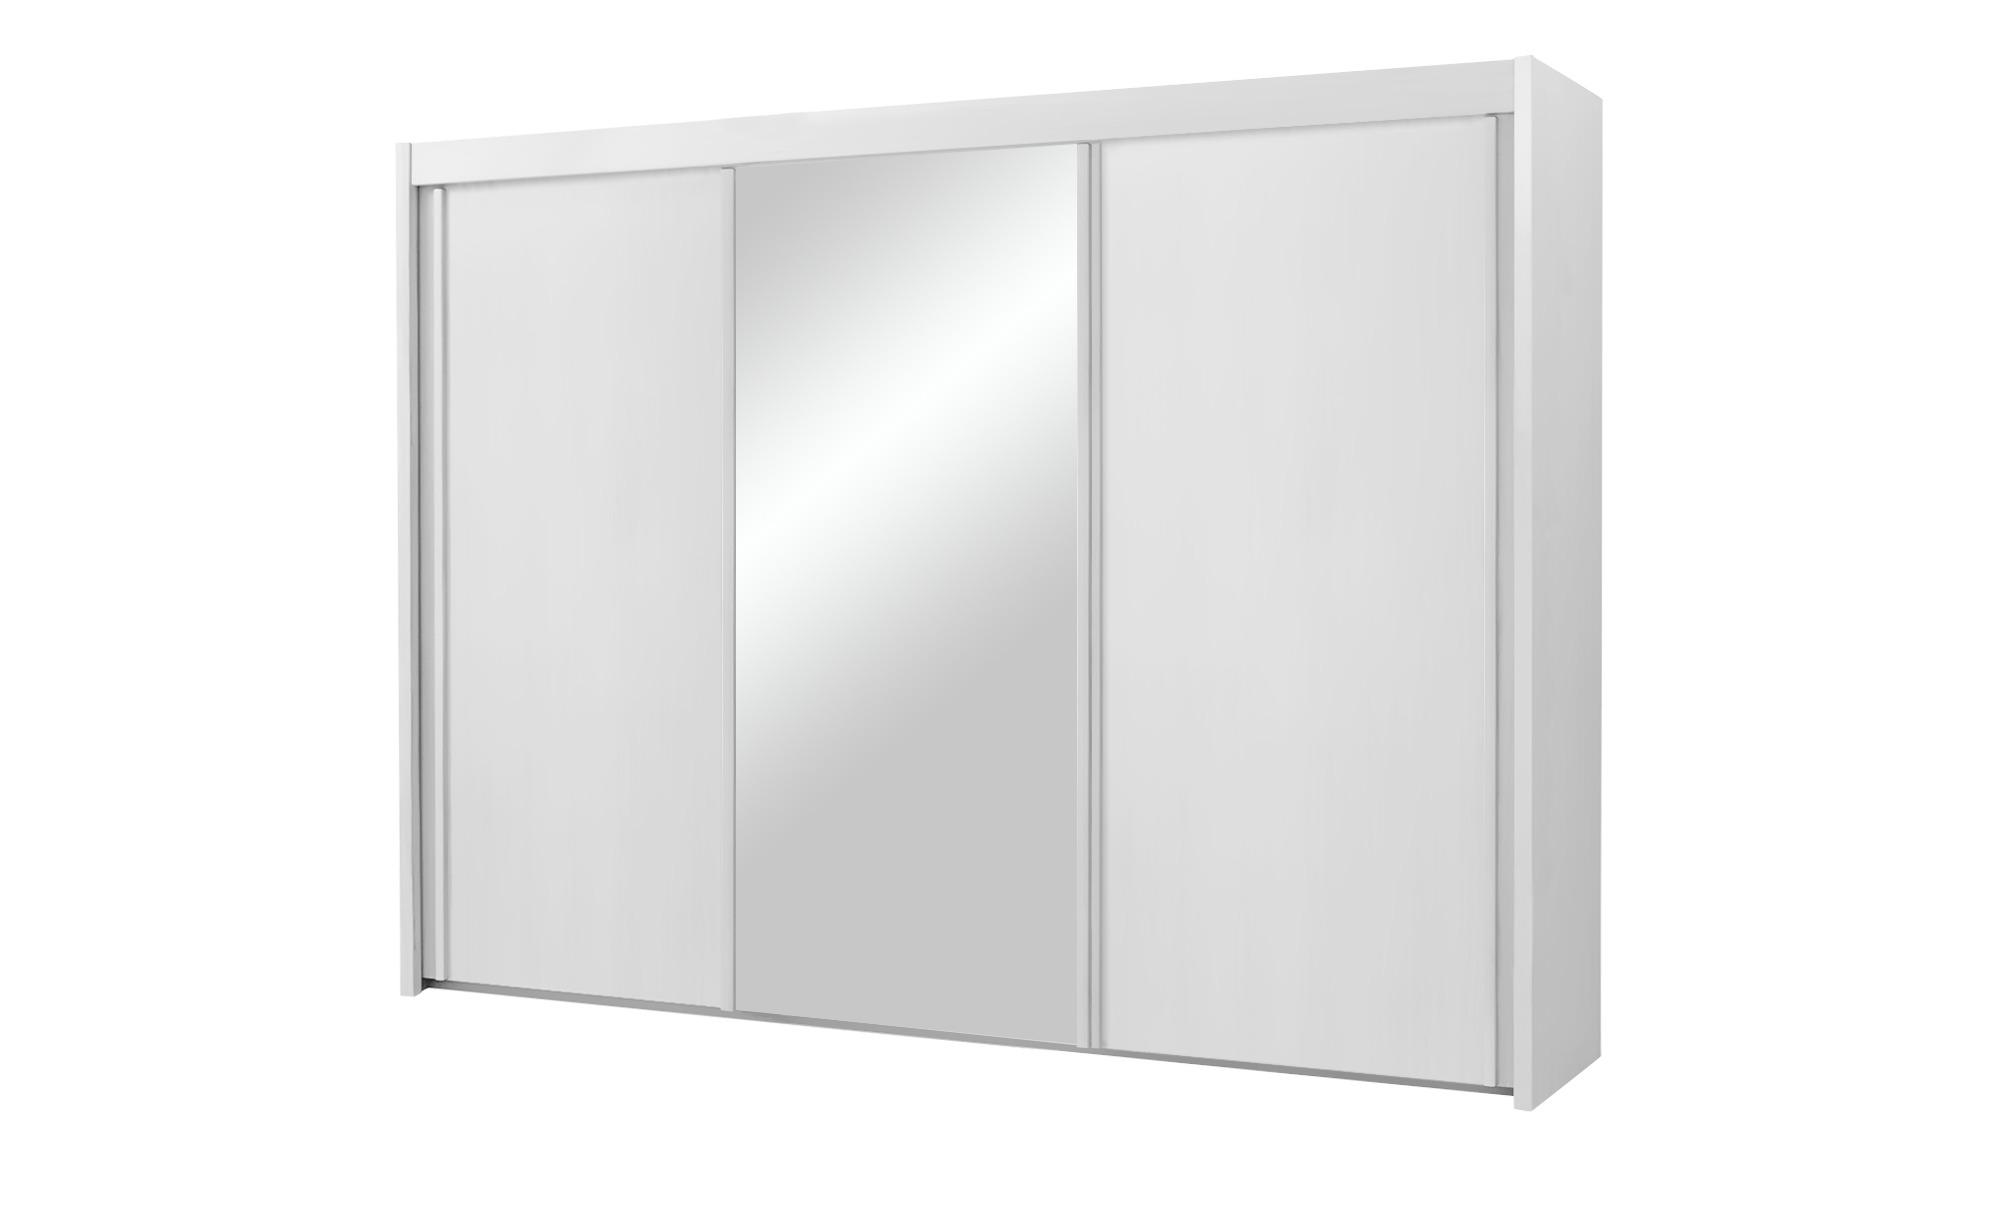 Schwebetürenschrank 3-türig Imperial - weiß - 300 cm - 223 cm - 65 cm - Sconto